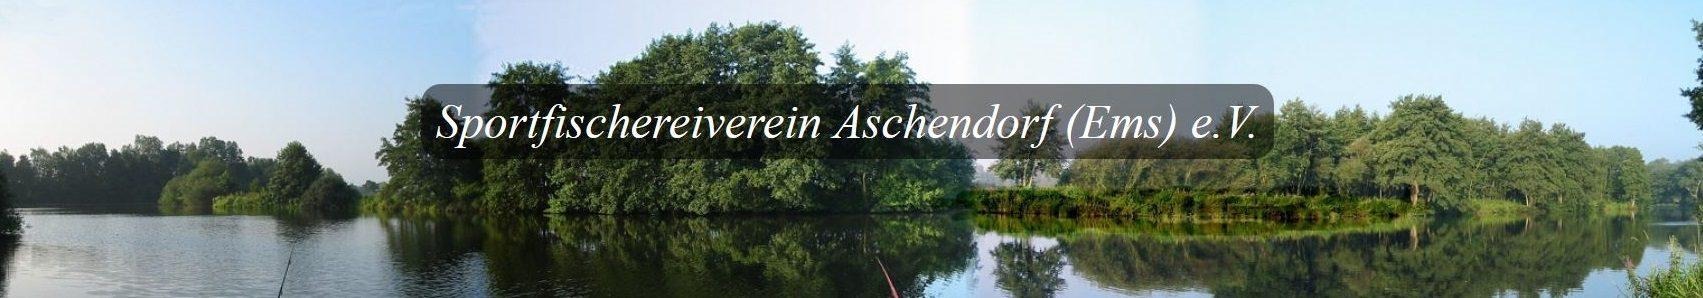 Sportfischereiverein Aschendorf (Ems) e.V